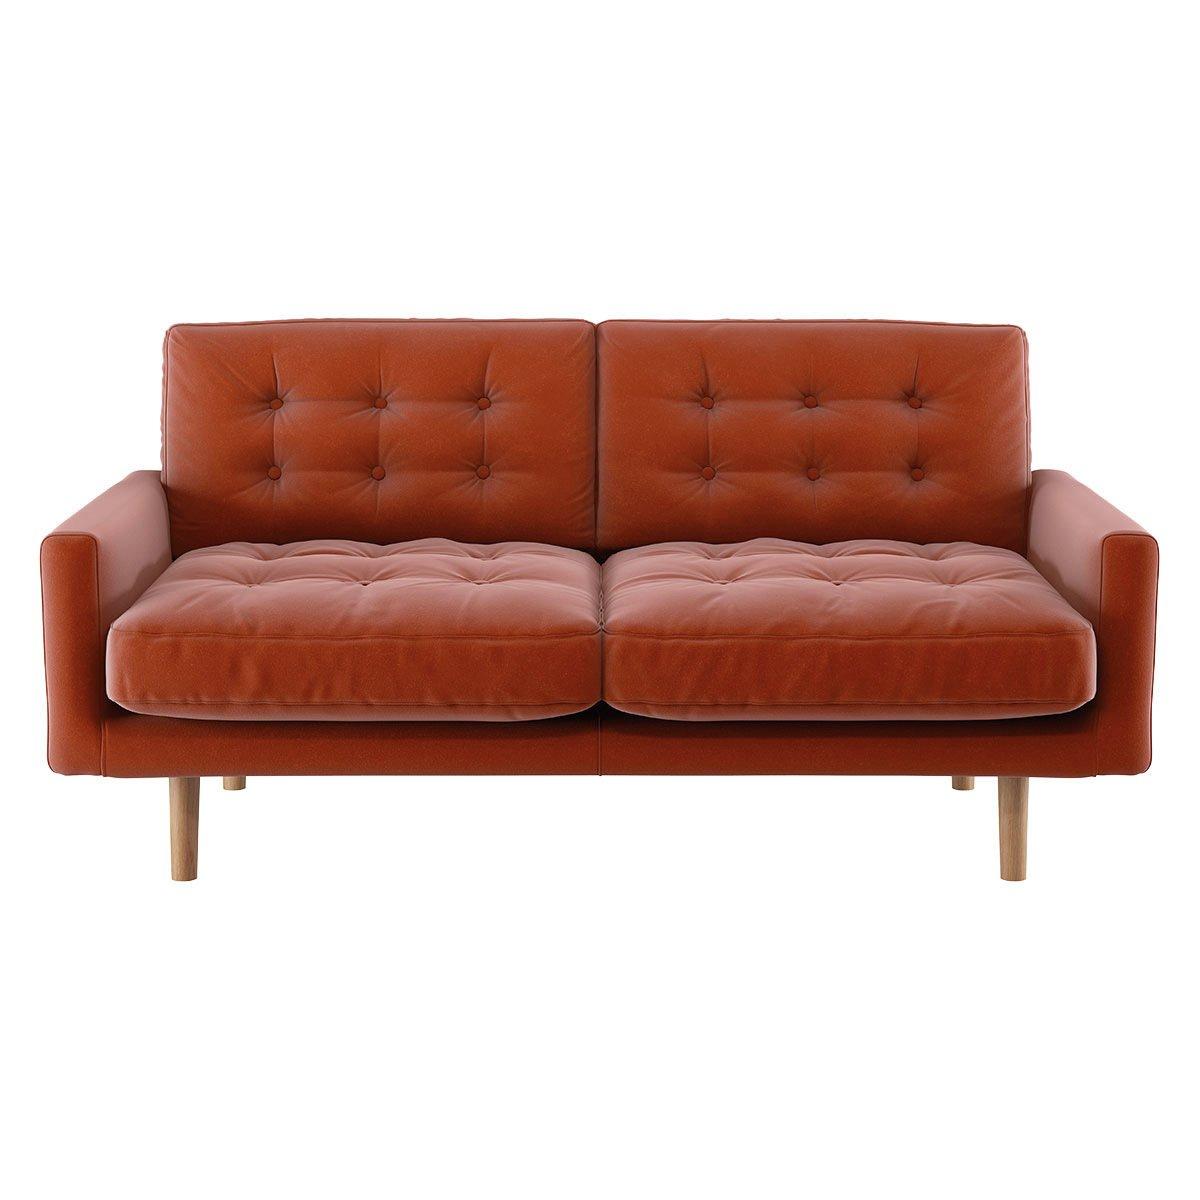 Habitat Fenner 2 Seater Velvet Sofa - Orange